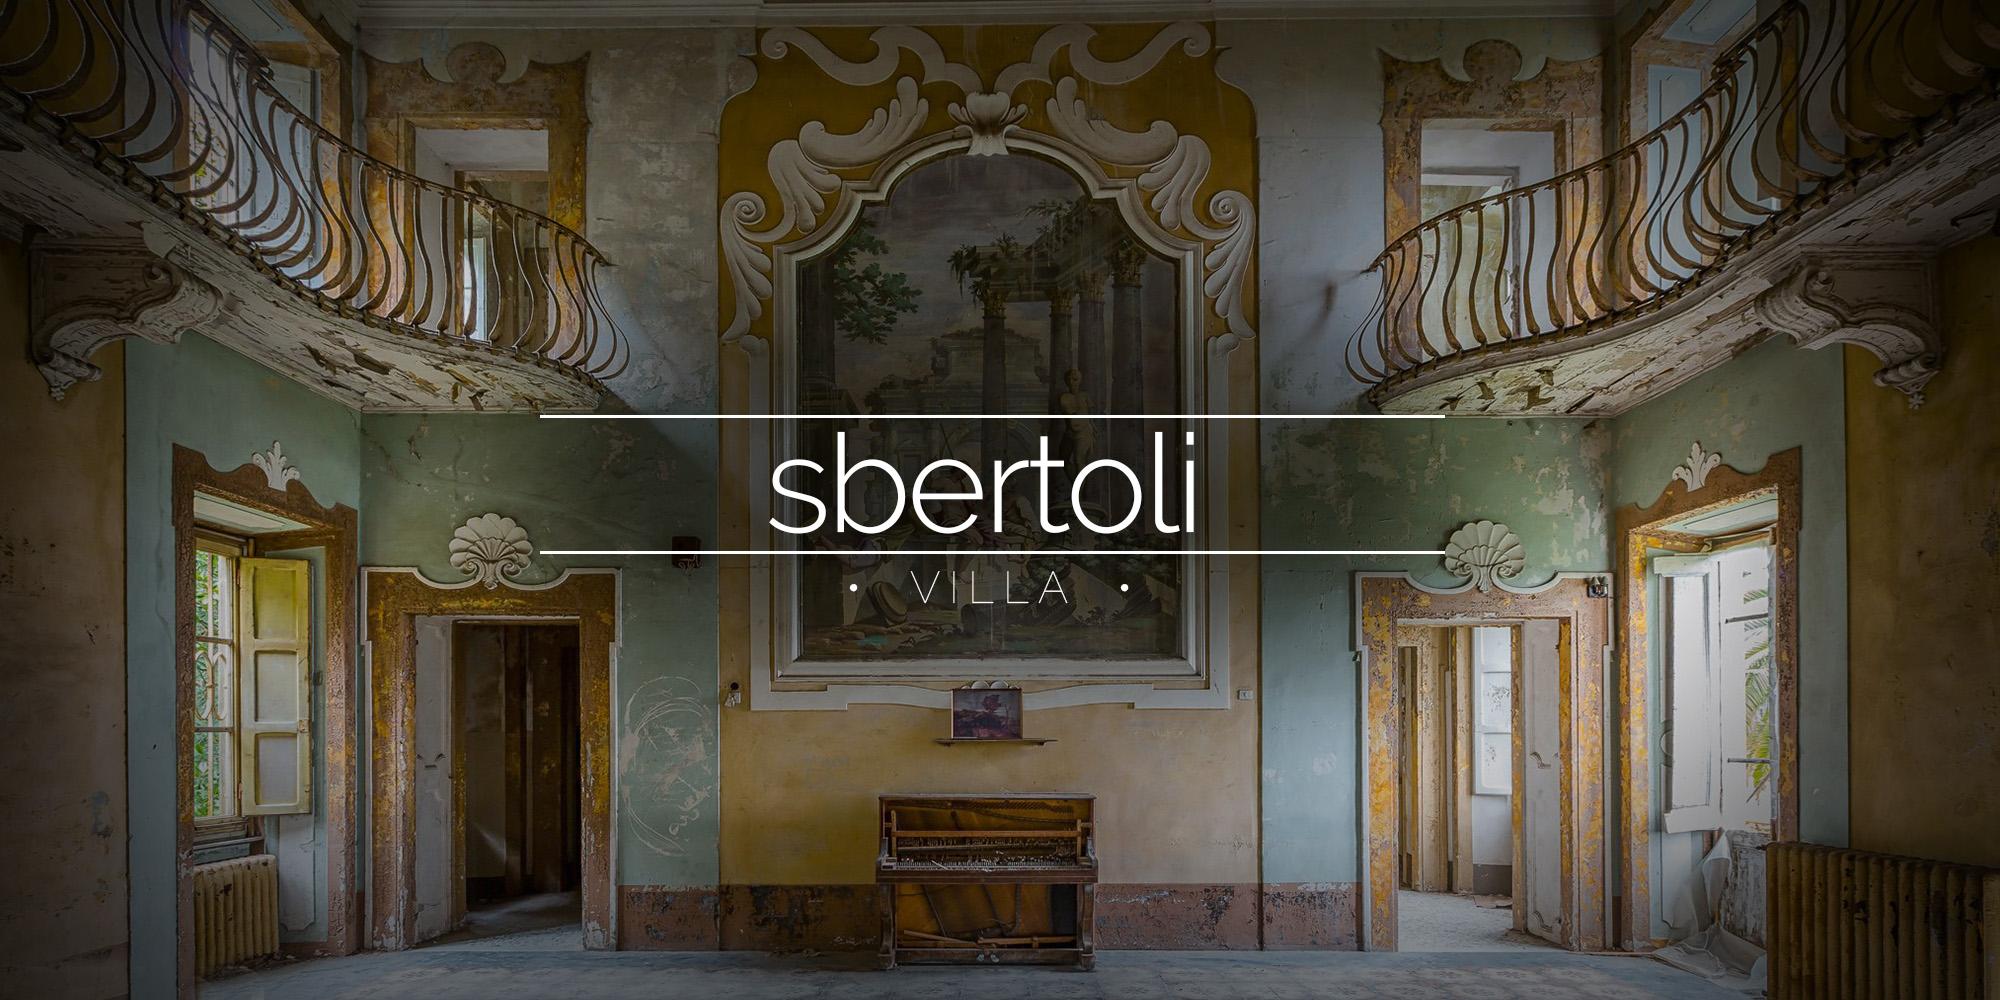 Villa Sbertolli, Italy